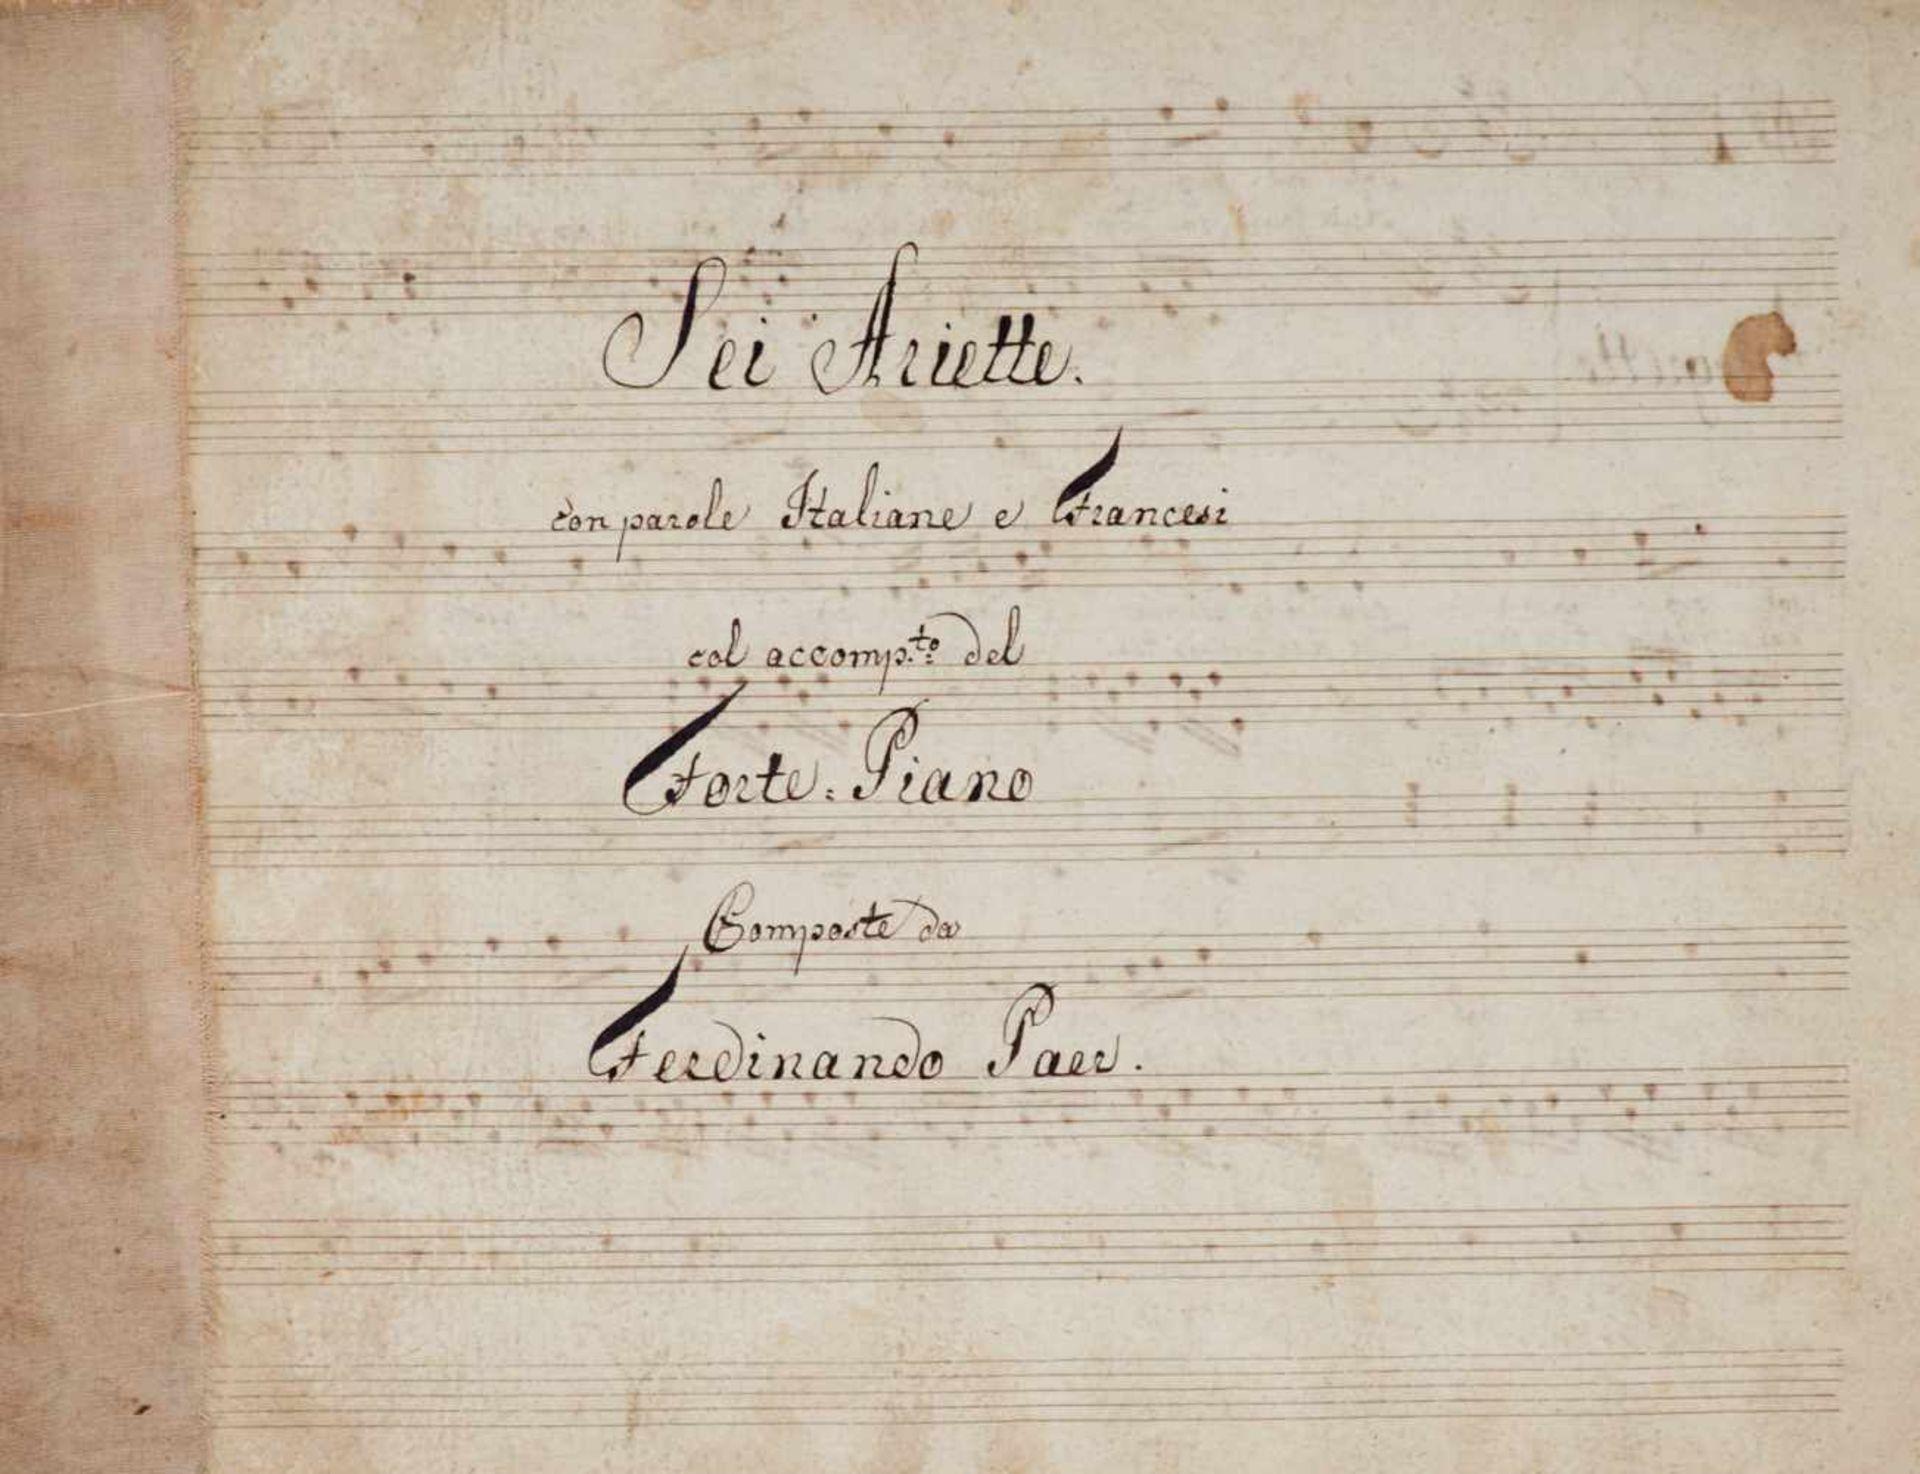 """Paër- """"Sei Ariette. con parole Italiane e Francesi colaccomp[agnamen]to del Forte-Piano Composte"""